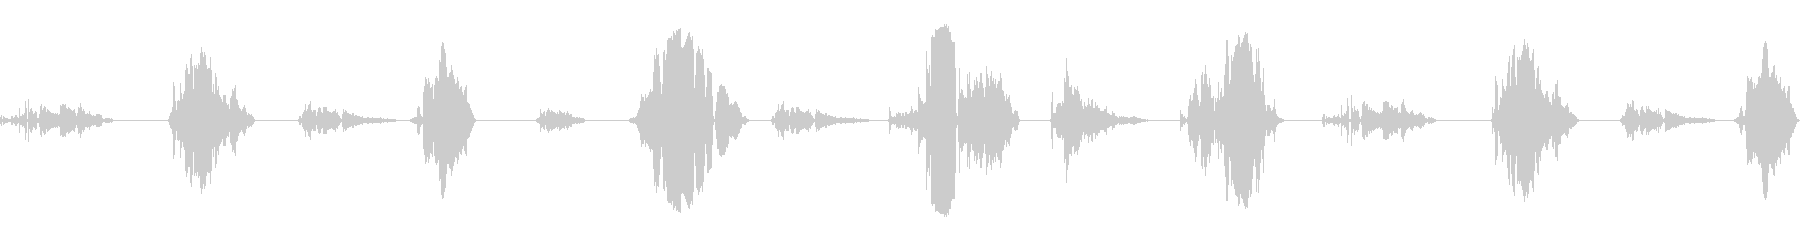 大声でのいびき;ヴィンテージ録音;...の未再生の波形